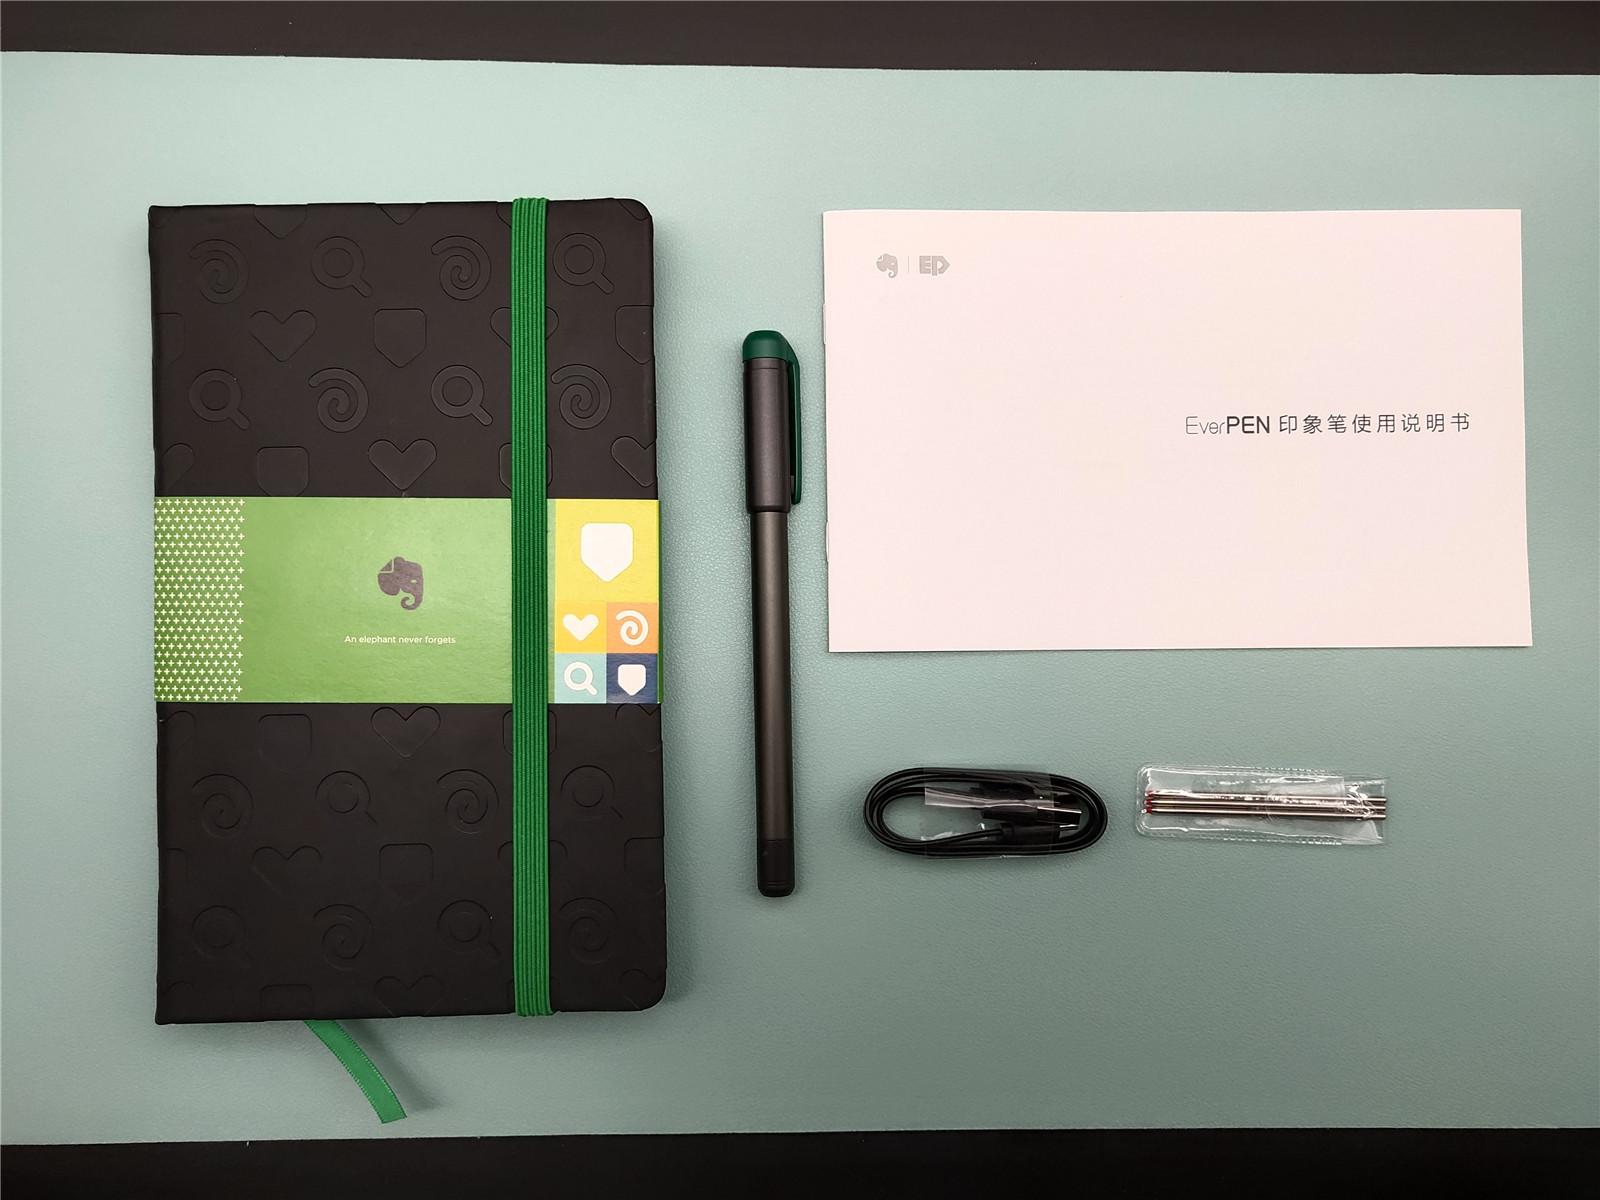 即写即存 好记性不如烂笔头 印象笔记EverPEN智能书写套装